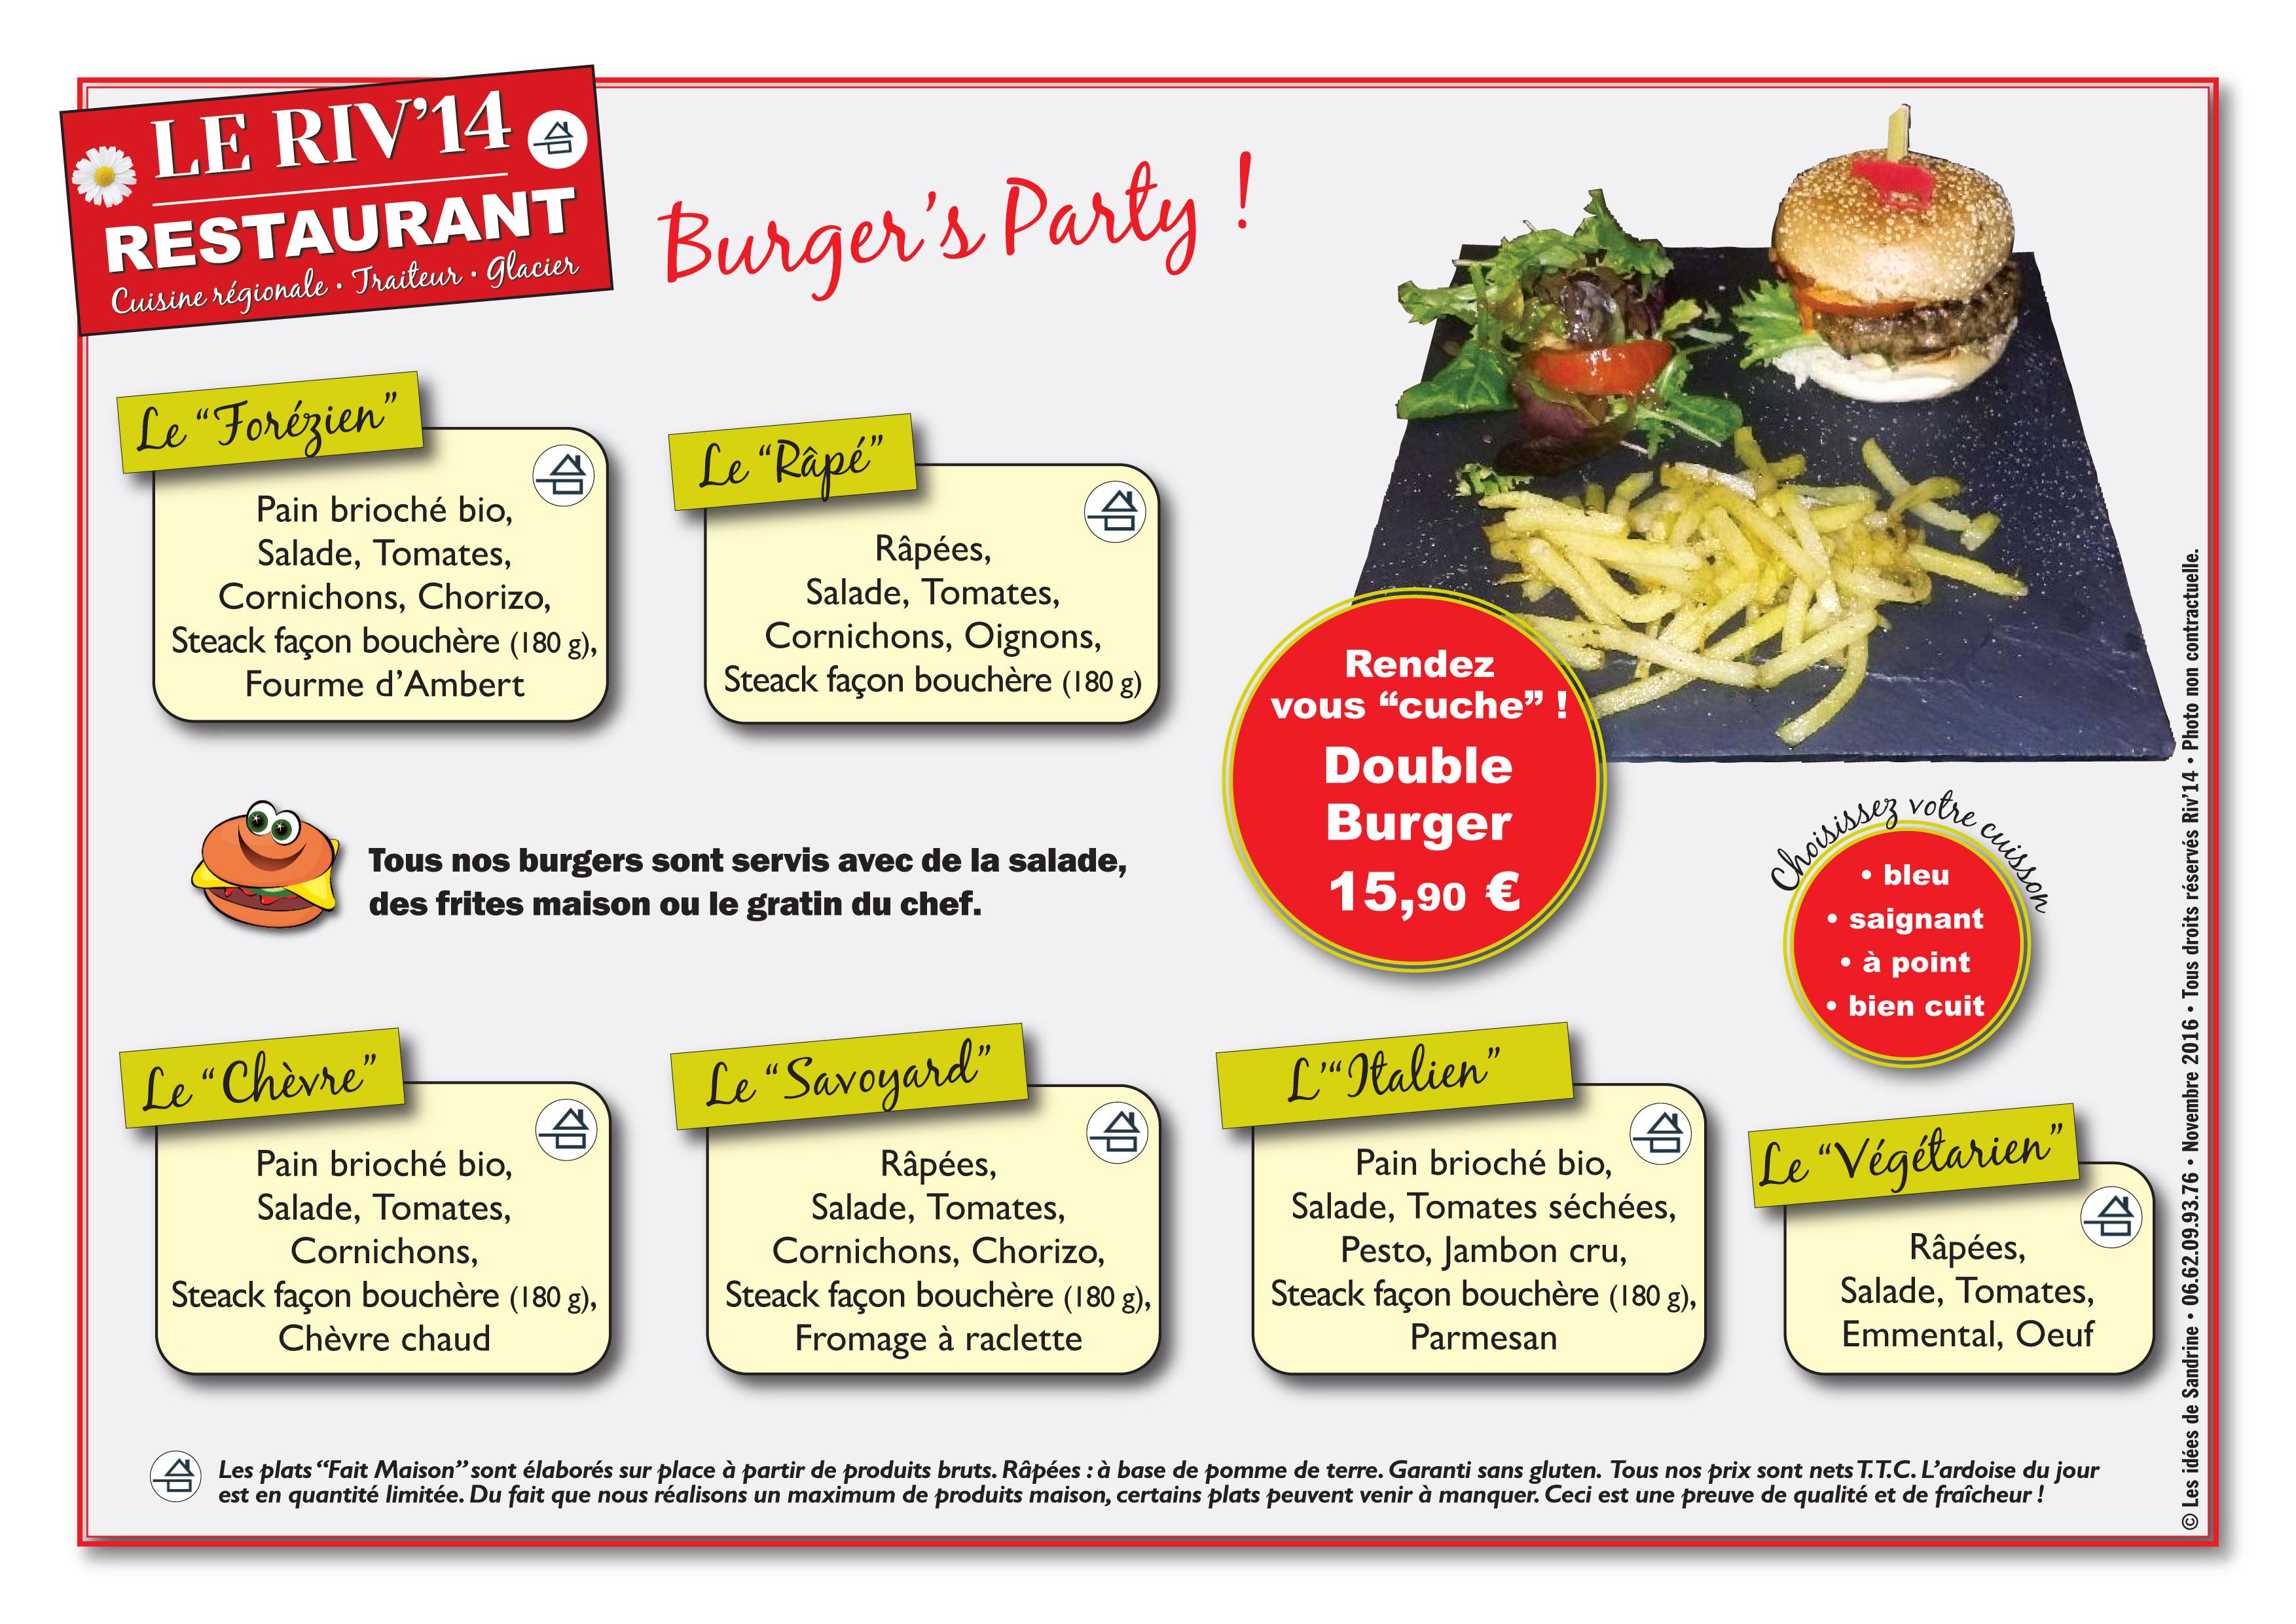 Publicité Burger double Riv14 - ©Les idées de Sandrine